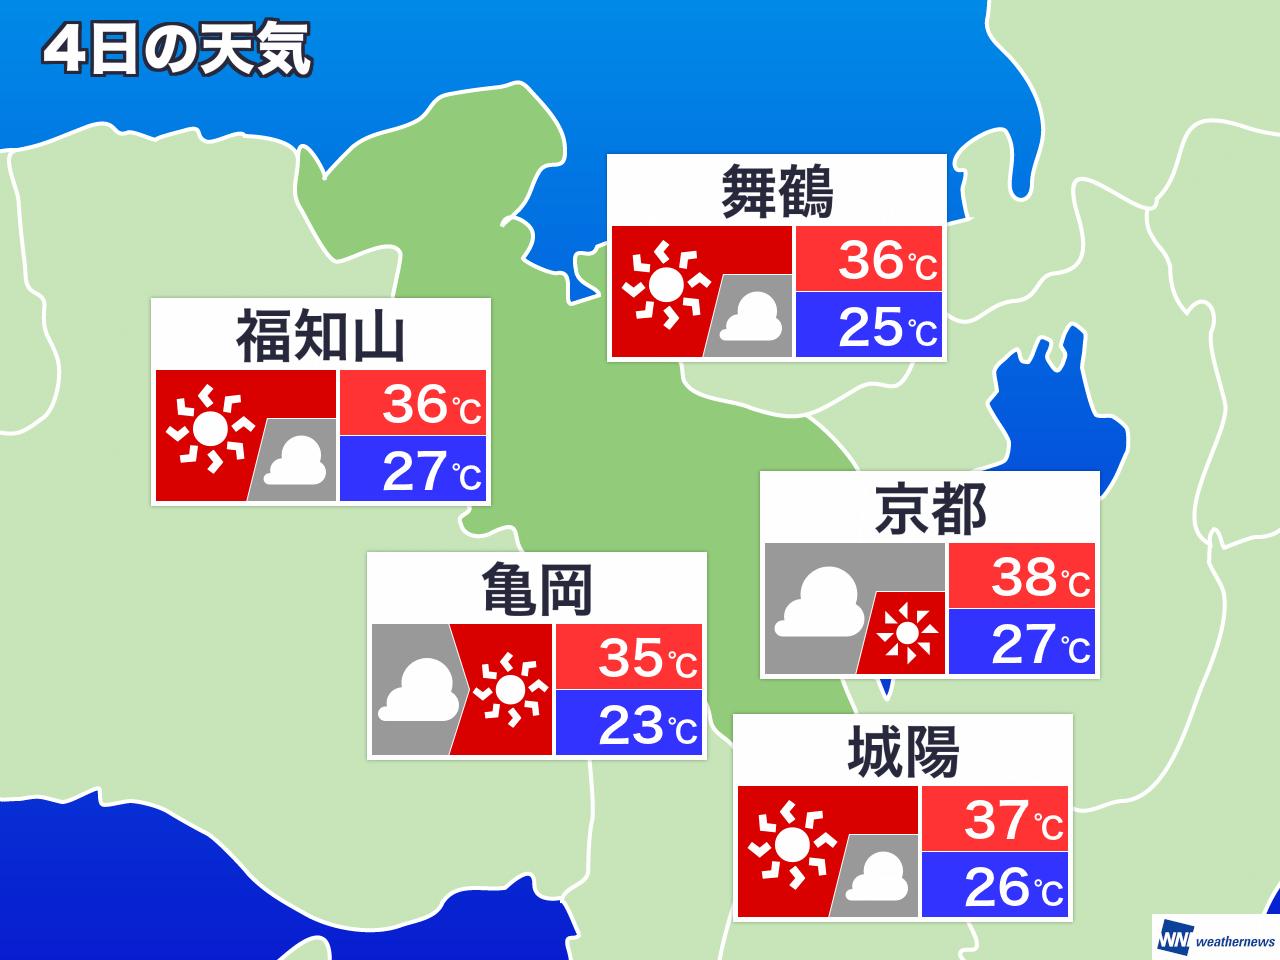 新発田 市 の 1 時間 ごと の 天気 現在地周辺のピンポイント天気予報 - ウェザーニュース